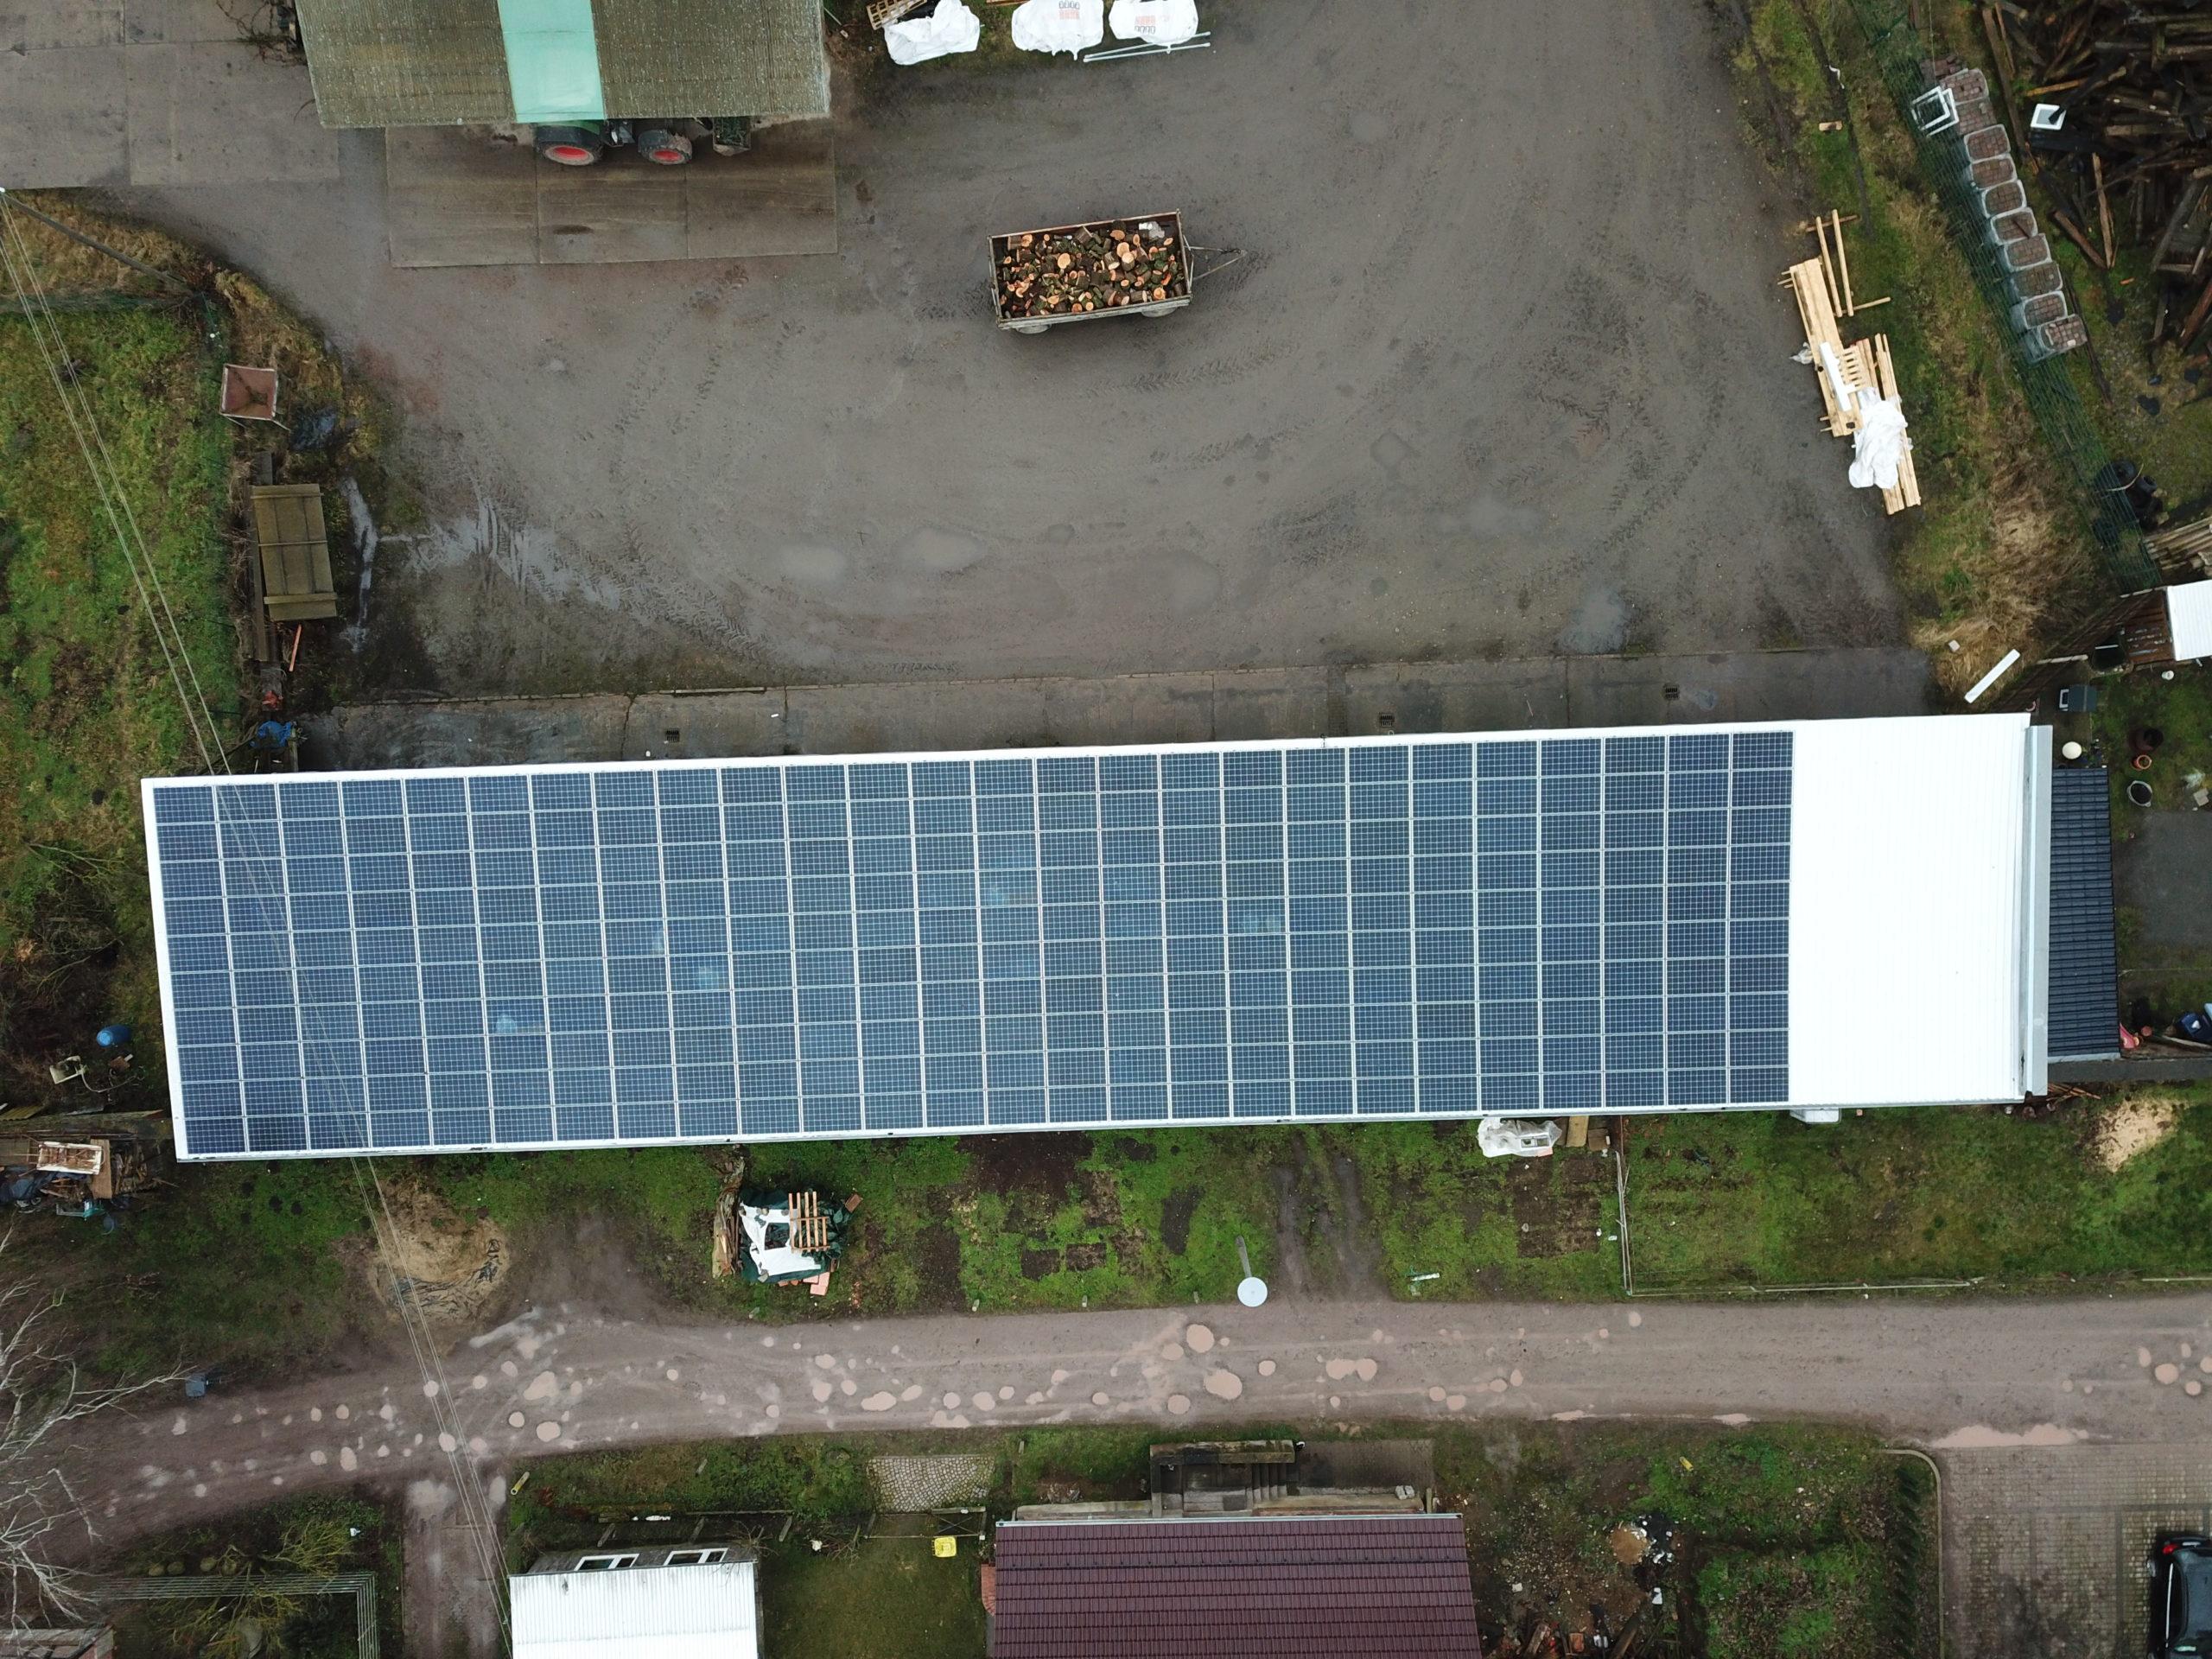 Ressourcenschonende Energie Für 80 Haushalte: Sun Contracting AG Nimmt 423,99 KWp Photovoltaikleistung In Betrieb